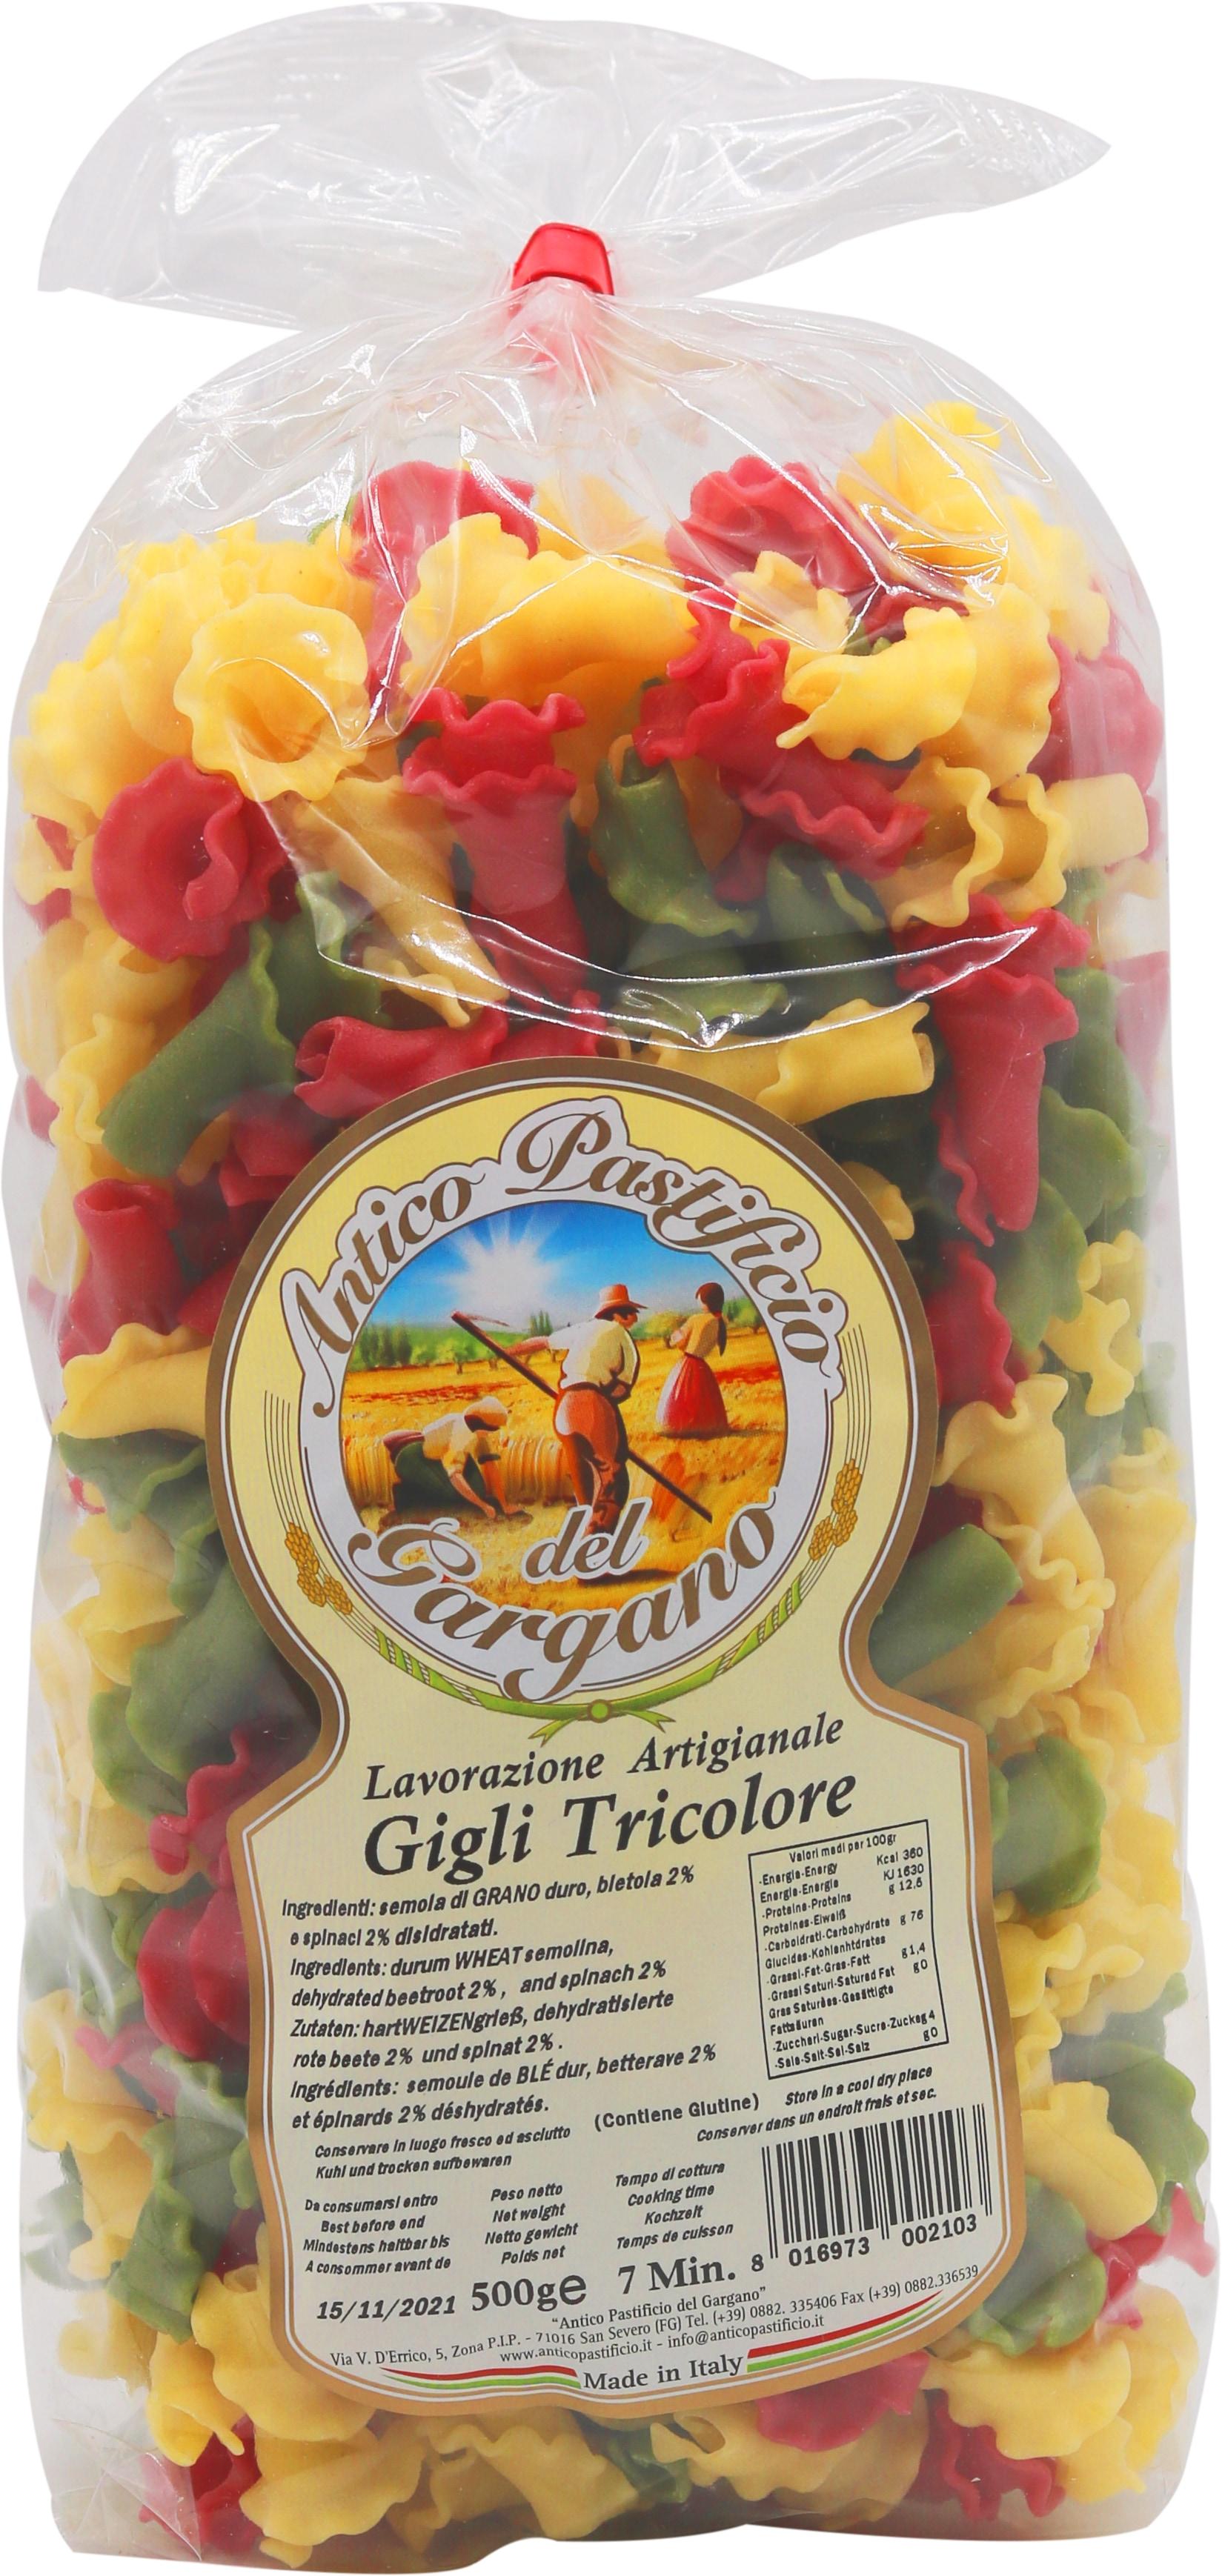 Antico Pastificio Gigli Tricolore 500g